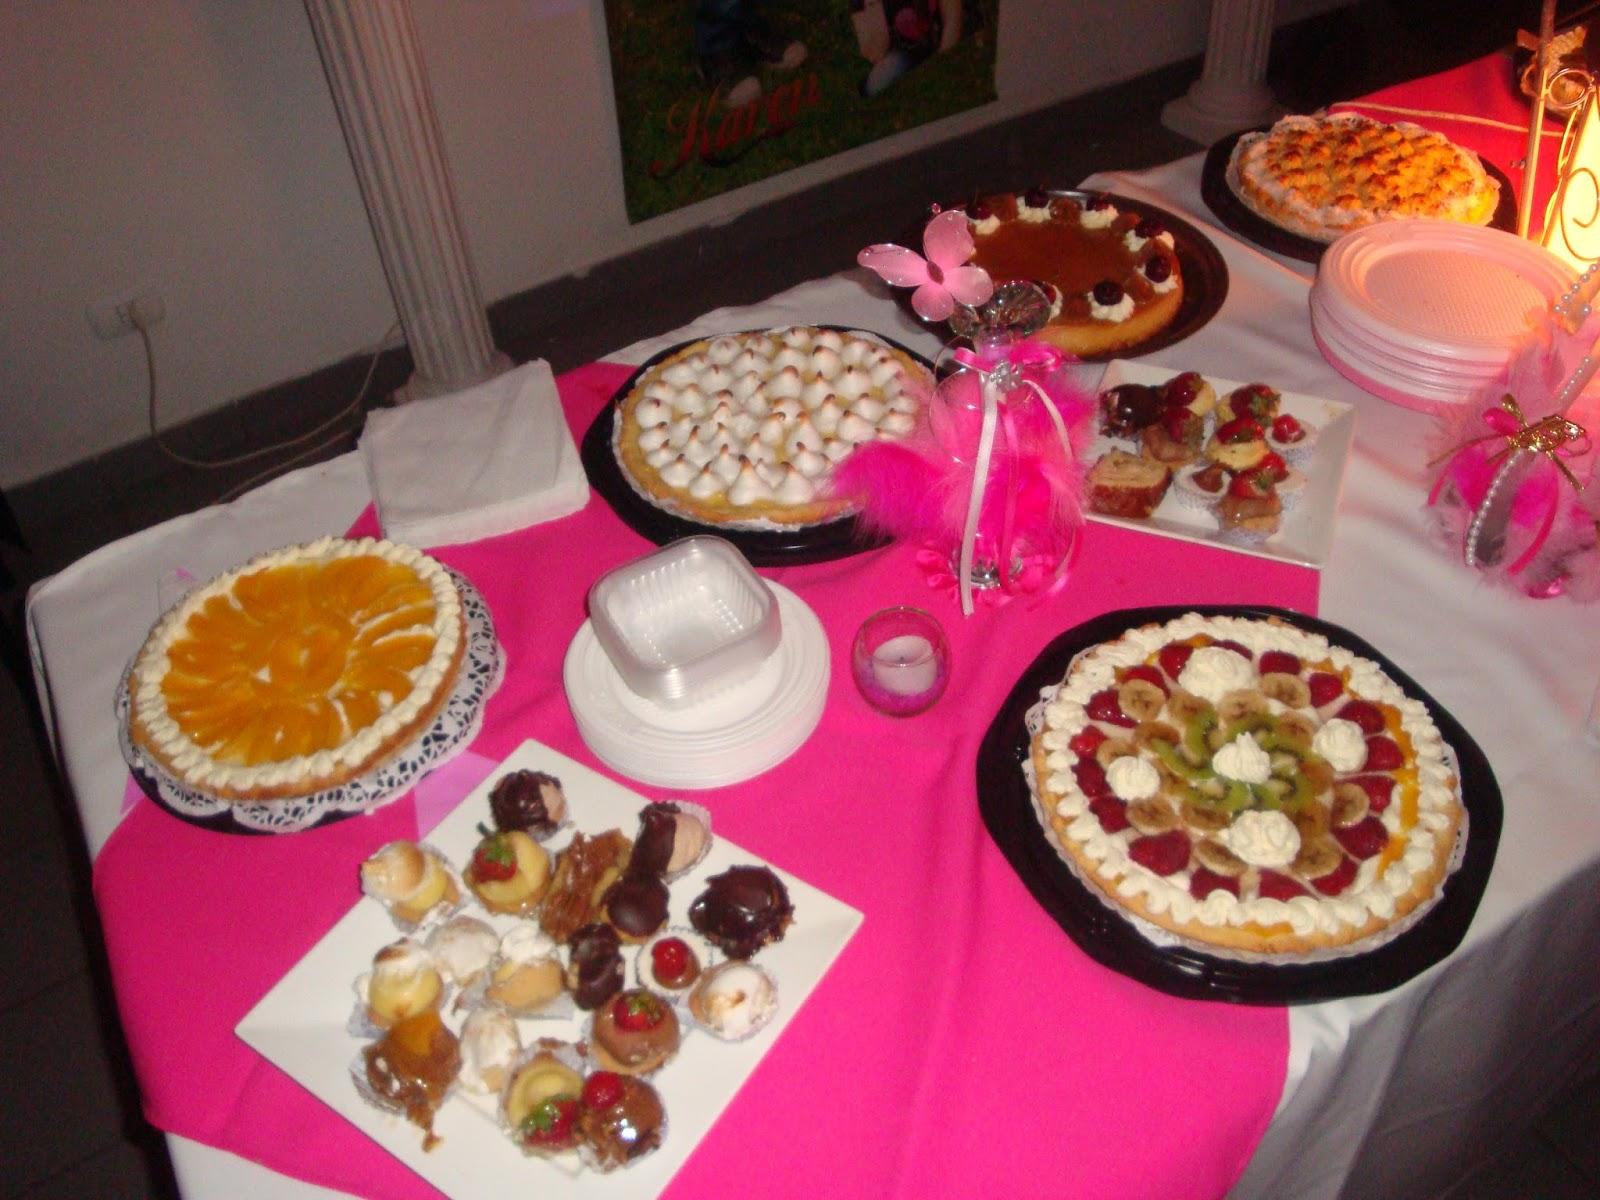 Comida casera y mesa dulce para cumplea os y eventos - Comidas para un cumpleanos ...